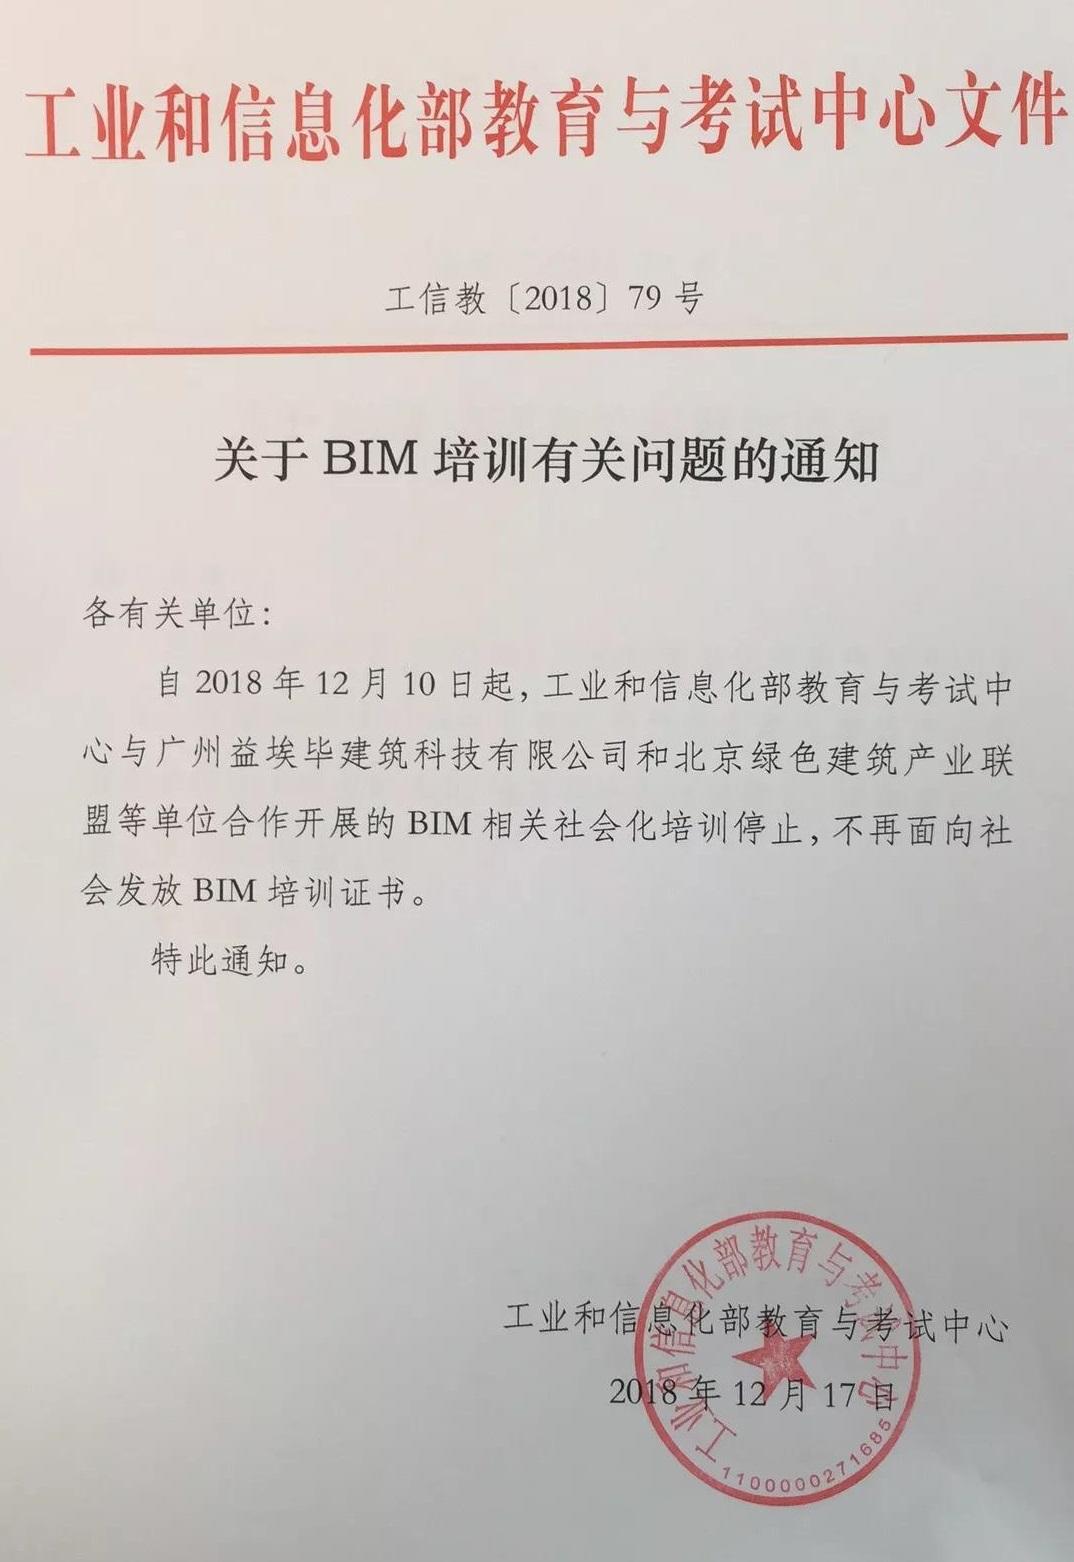 BIM证书-工信部教育与考试中心